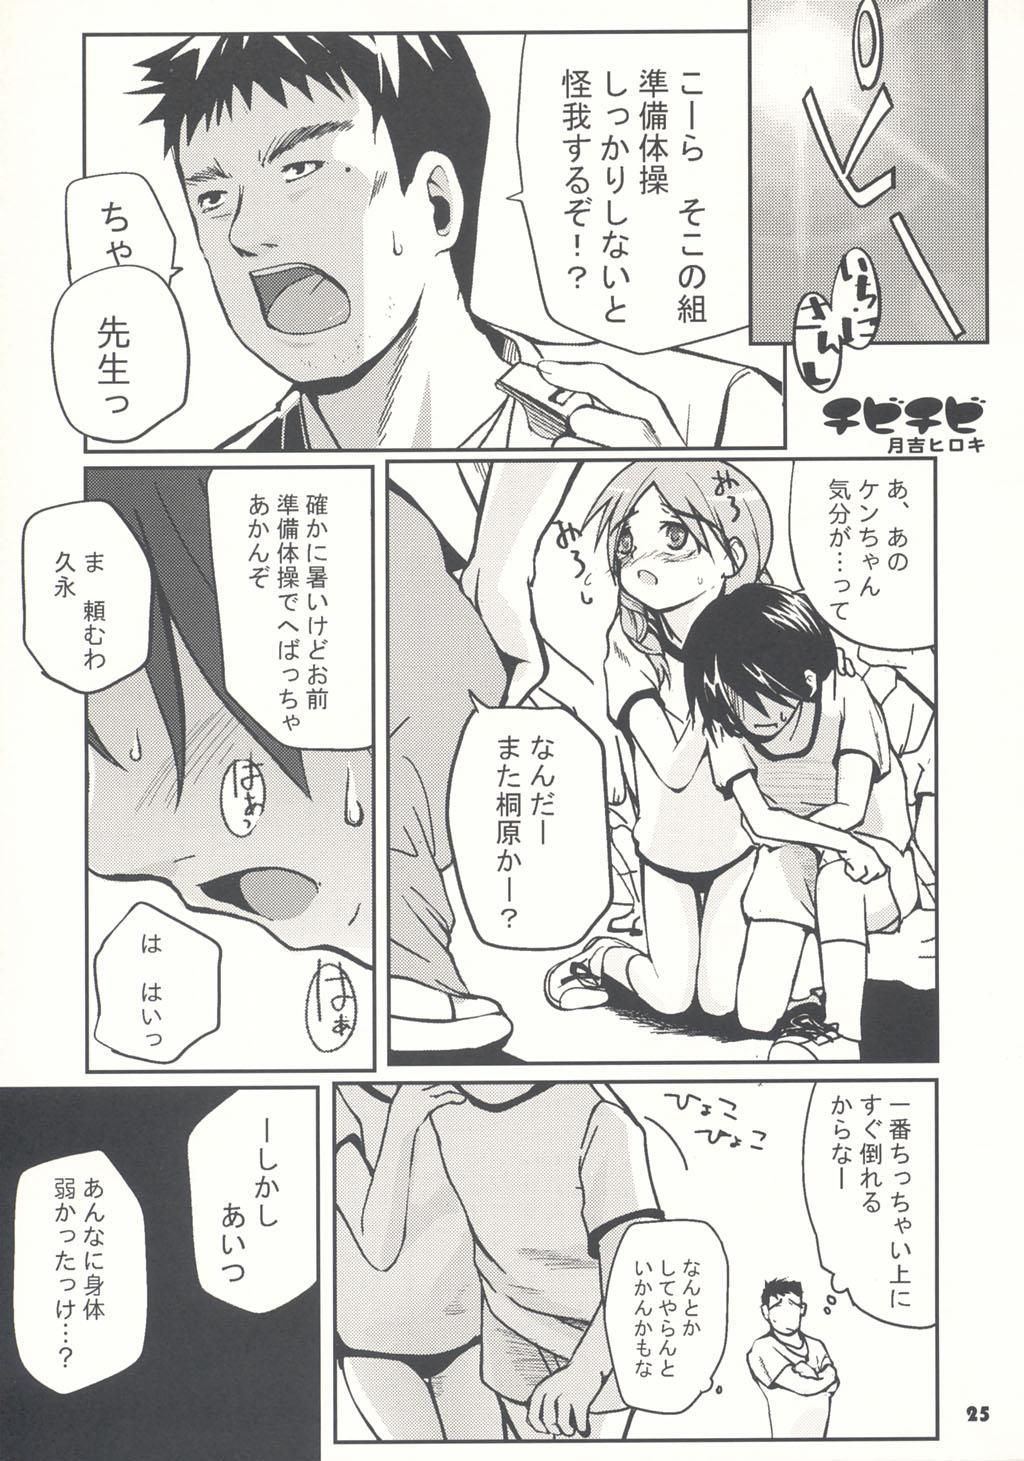 Tonari no Kimi 1-gakki 24